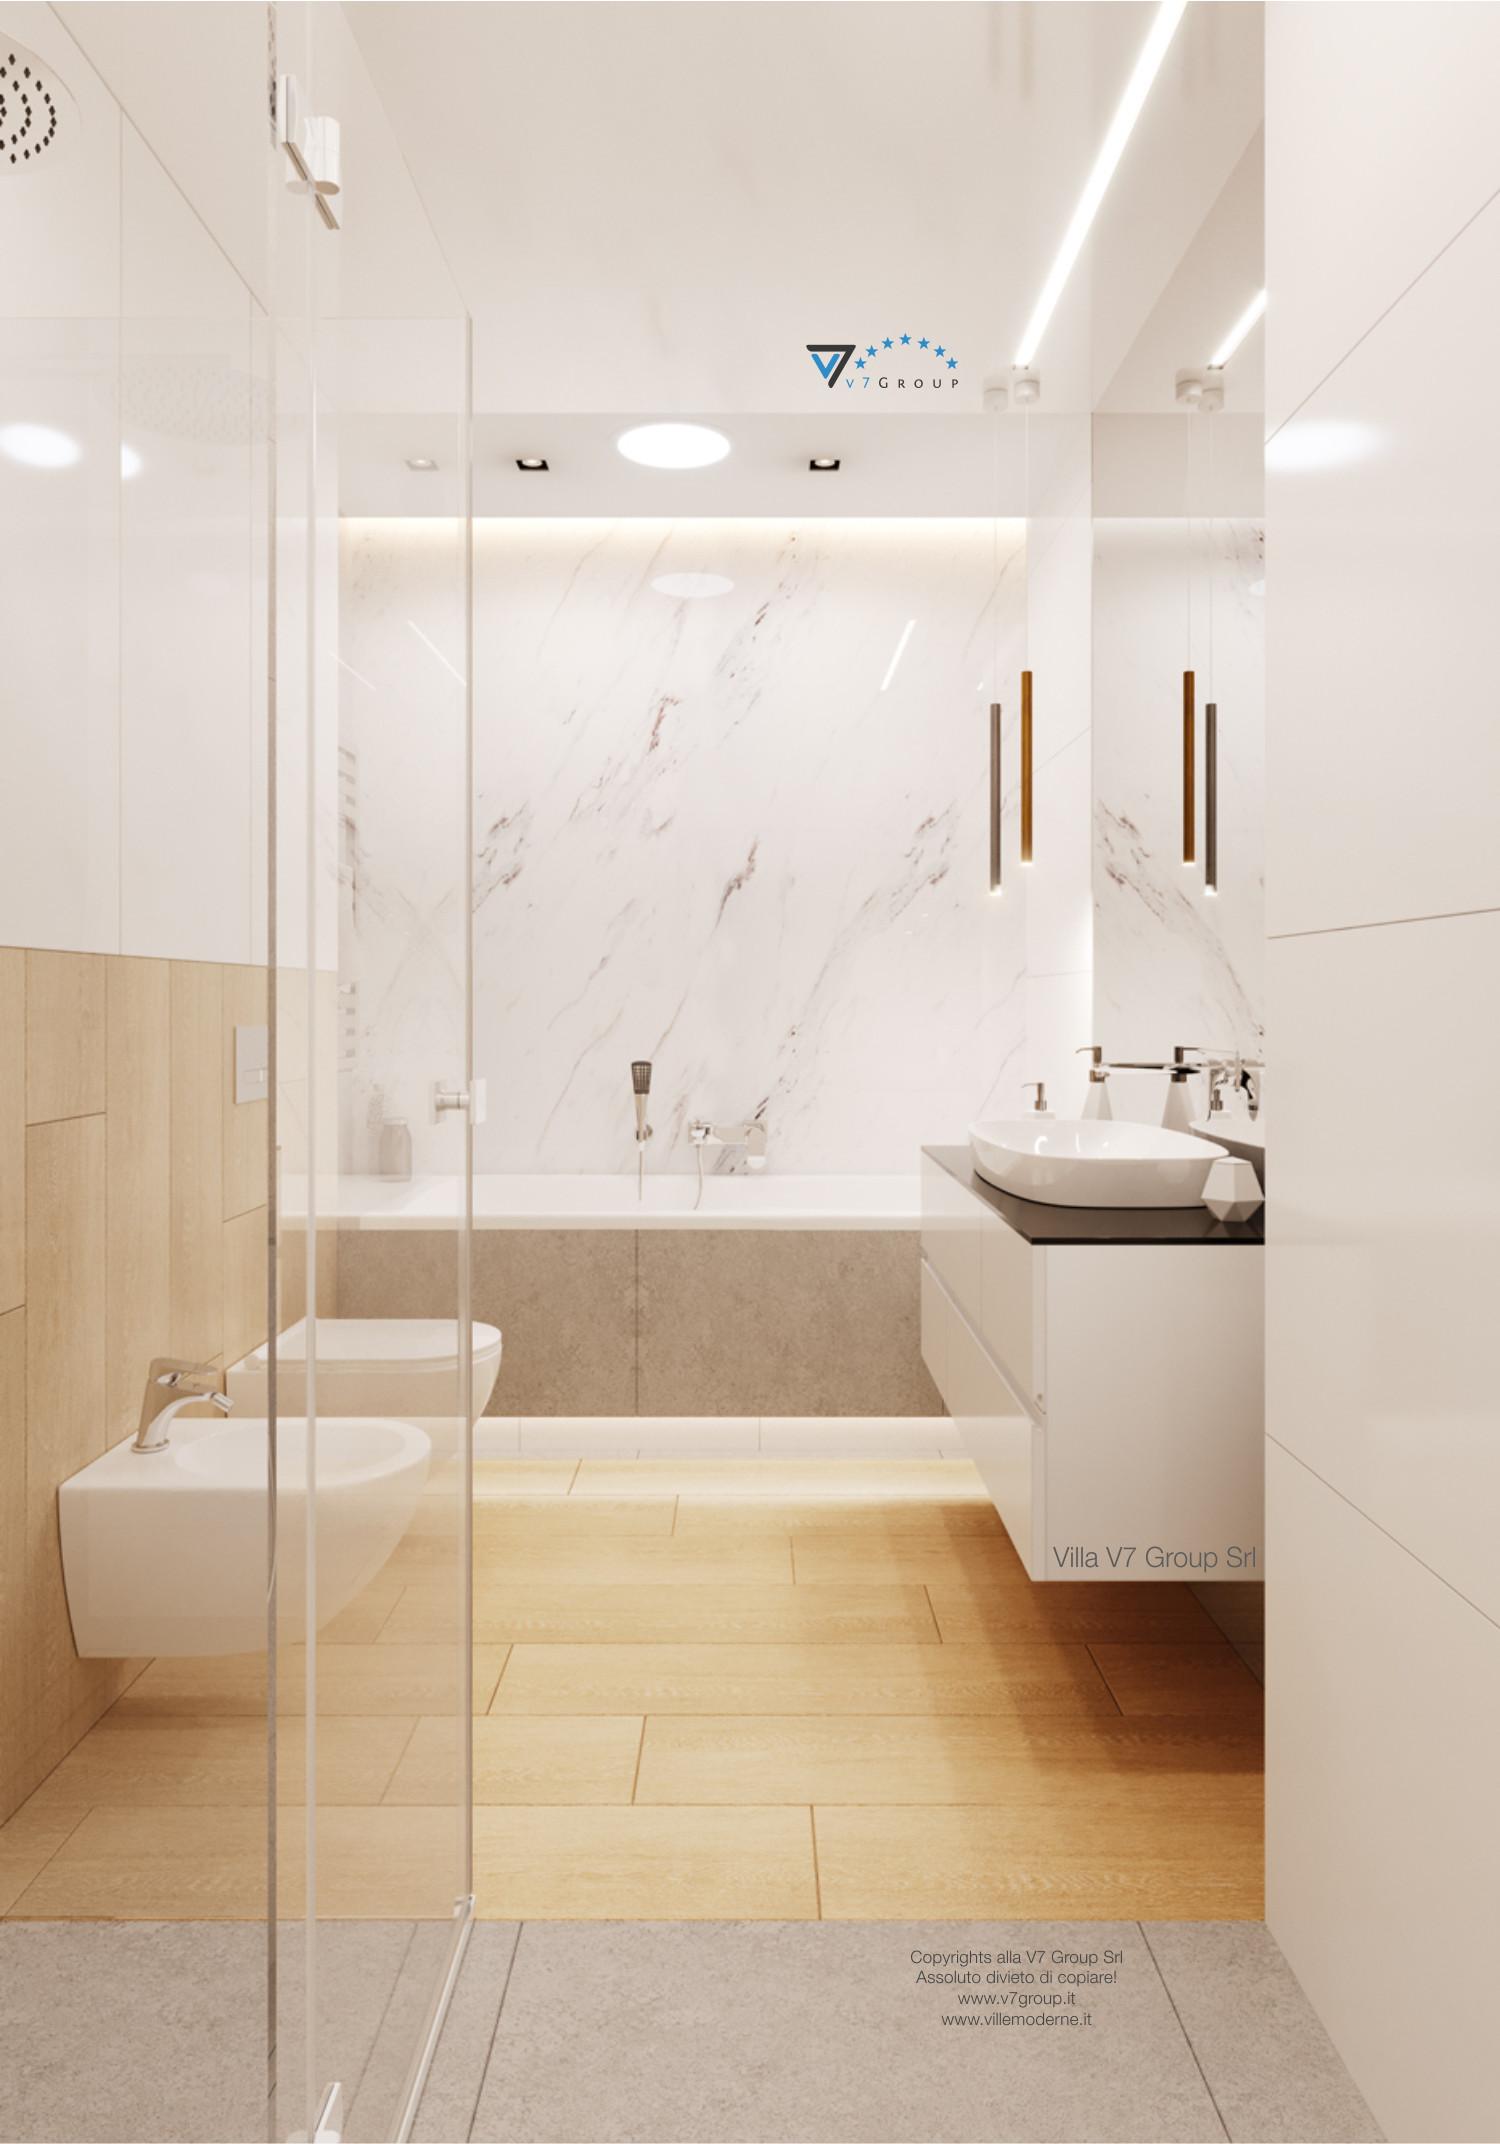 Immagine Villa V47 (B) - il design del bagno